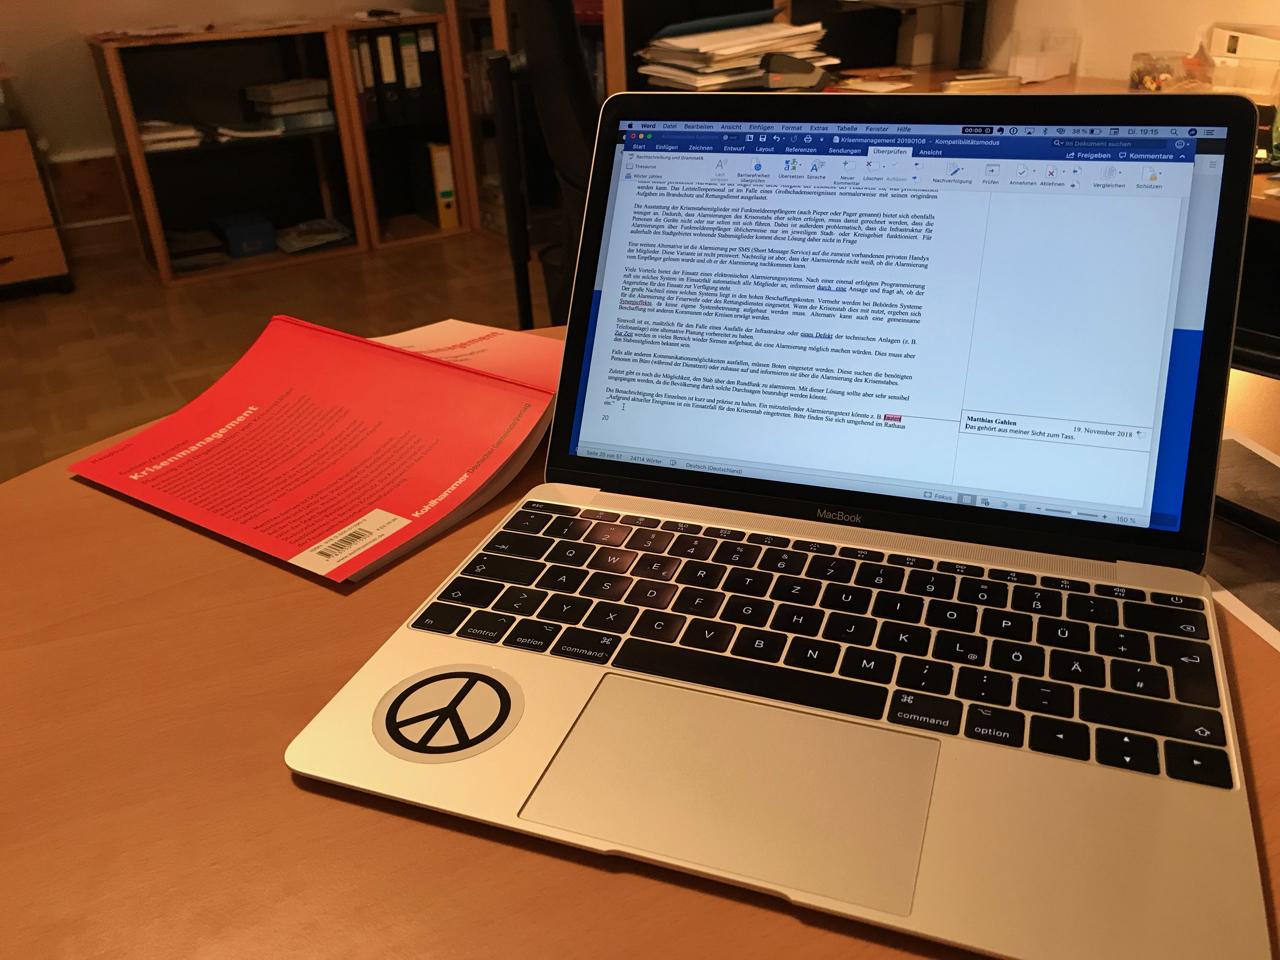 Buchprojekt: MacBook und Buch Krisenmanagement